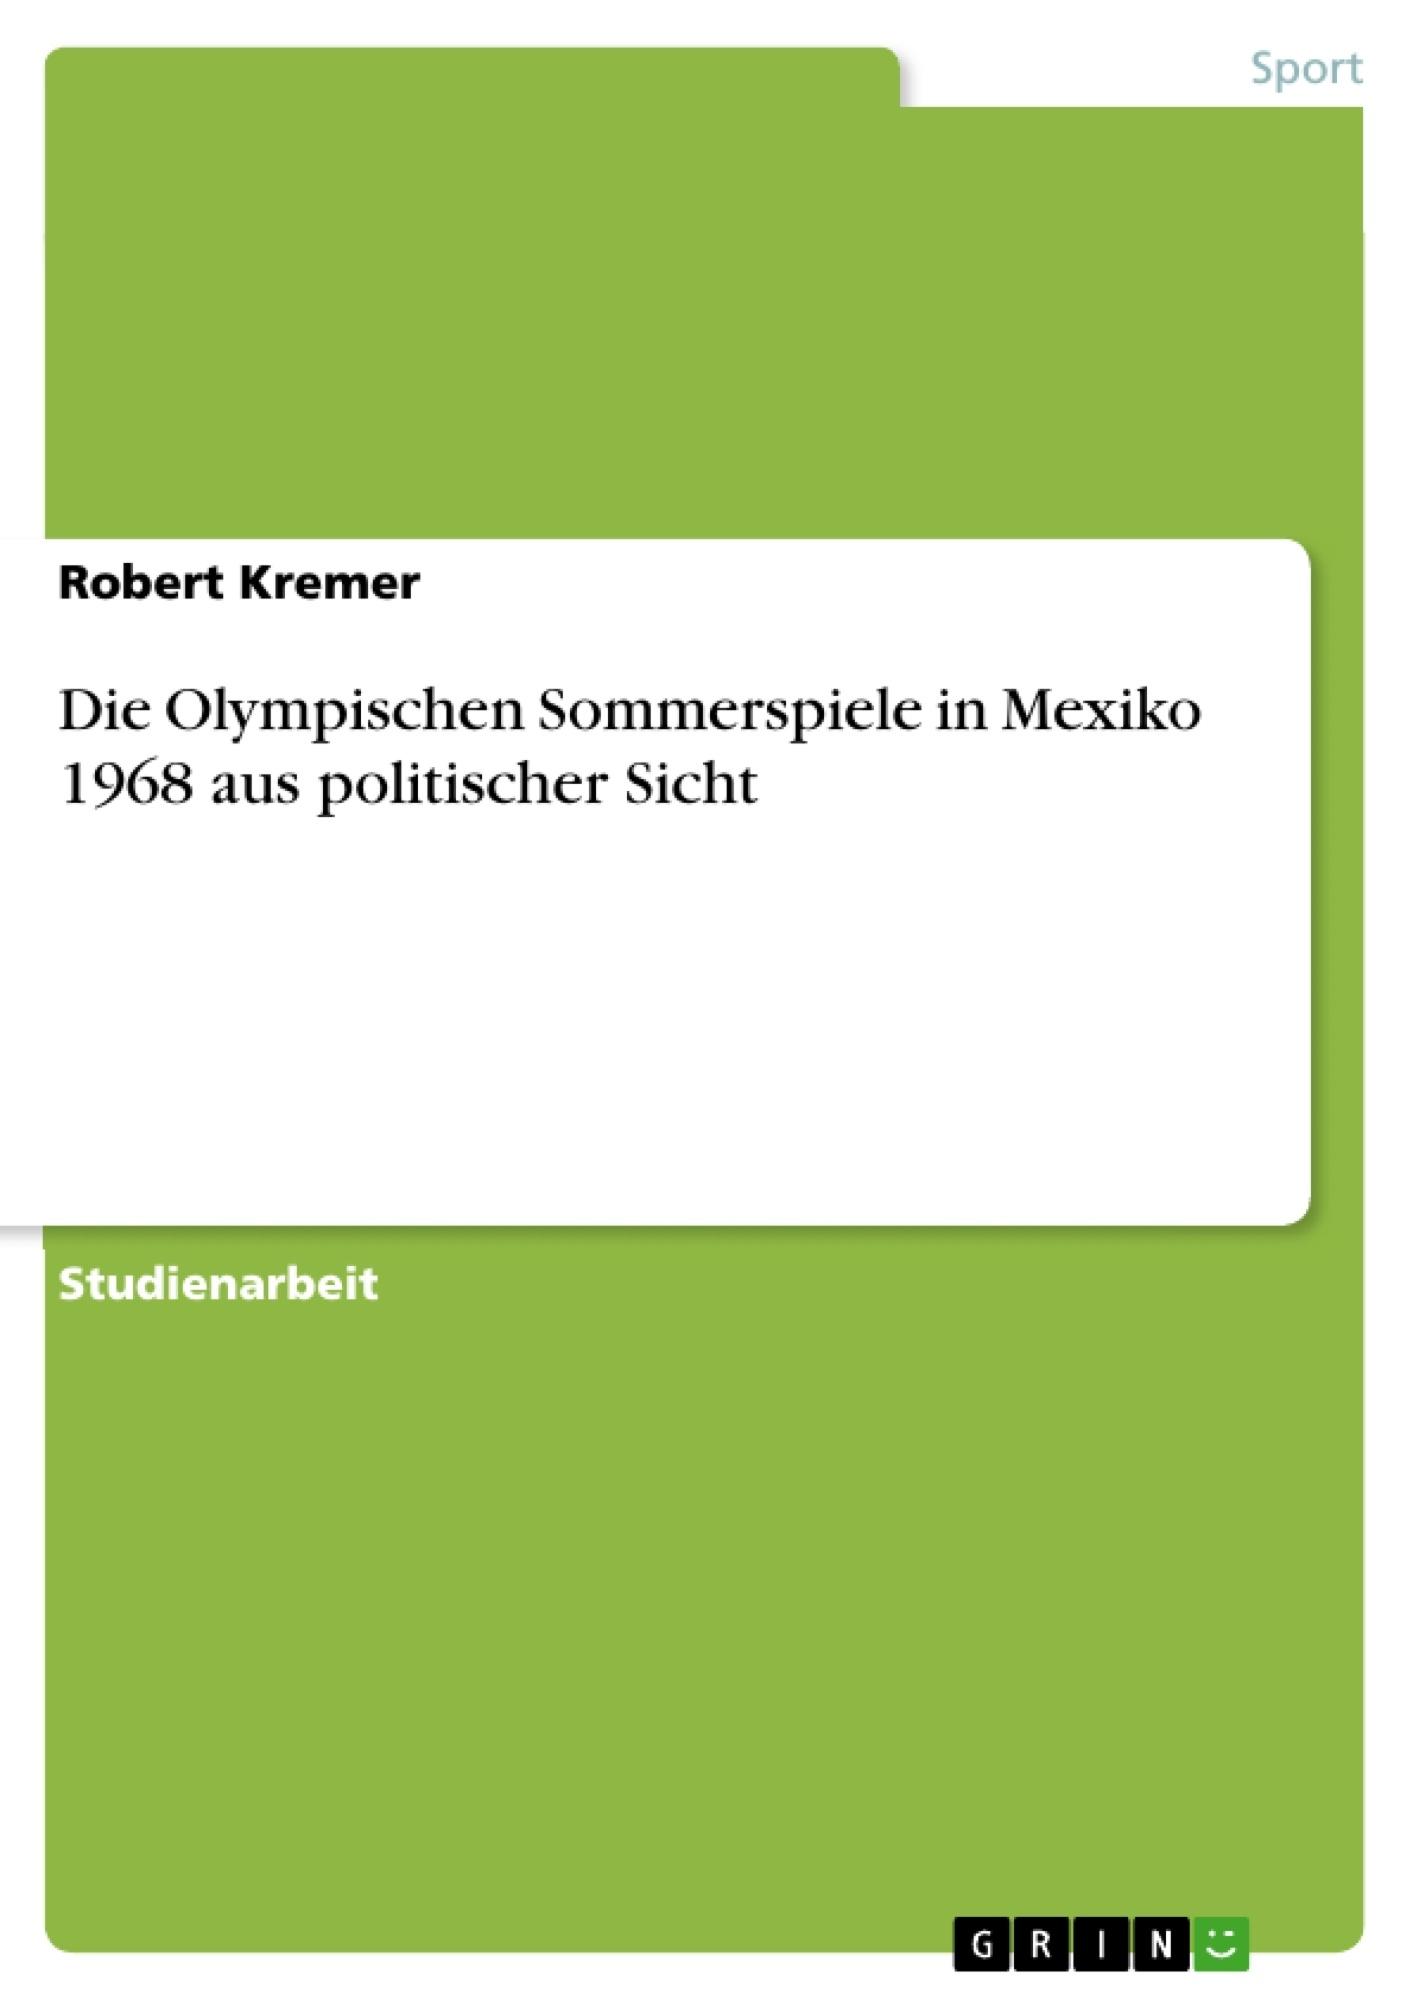 Titel: Die Olympischen Sommerspiele in Mexiko 1968 aus politischer Sicht